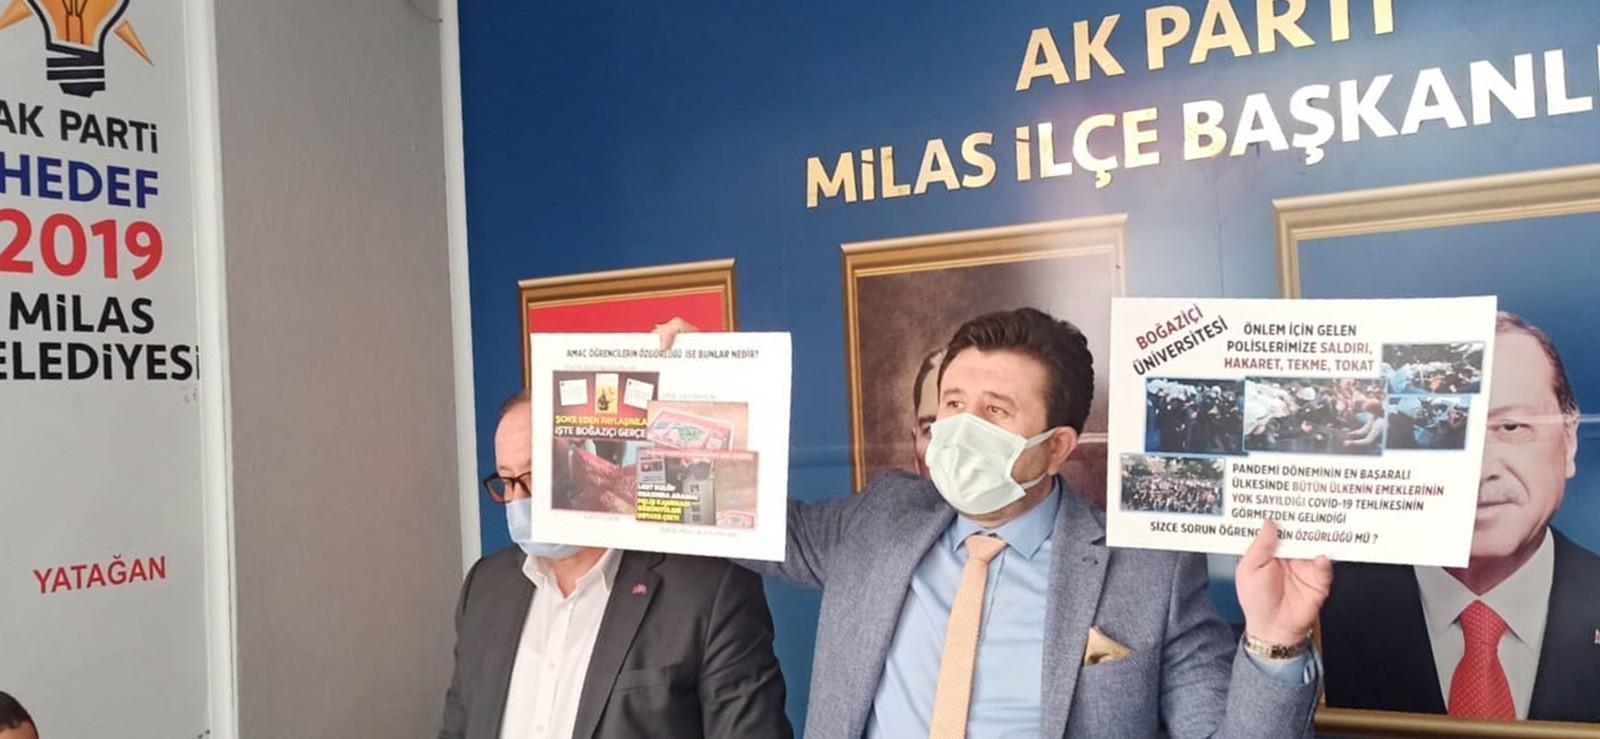 Cumhur İttifak'ından Kabe-i Muazzama'ya hakaret eden LGBT sapkınlarına destek veren Başkan Tokat'a tepki